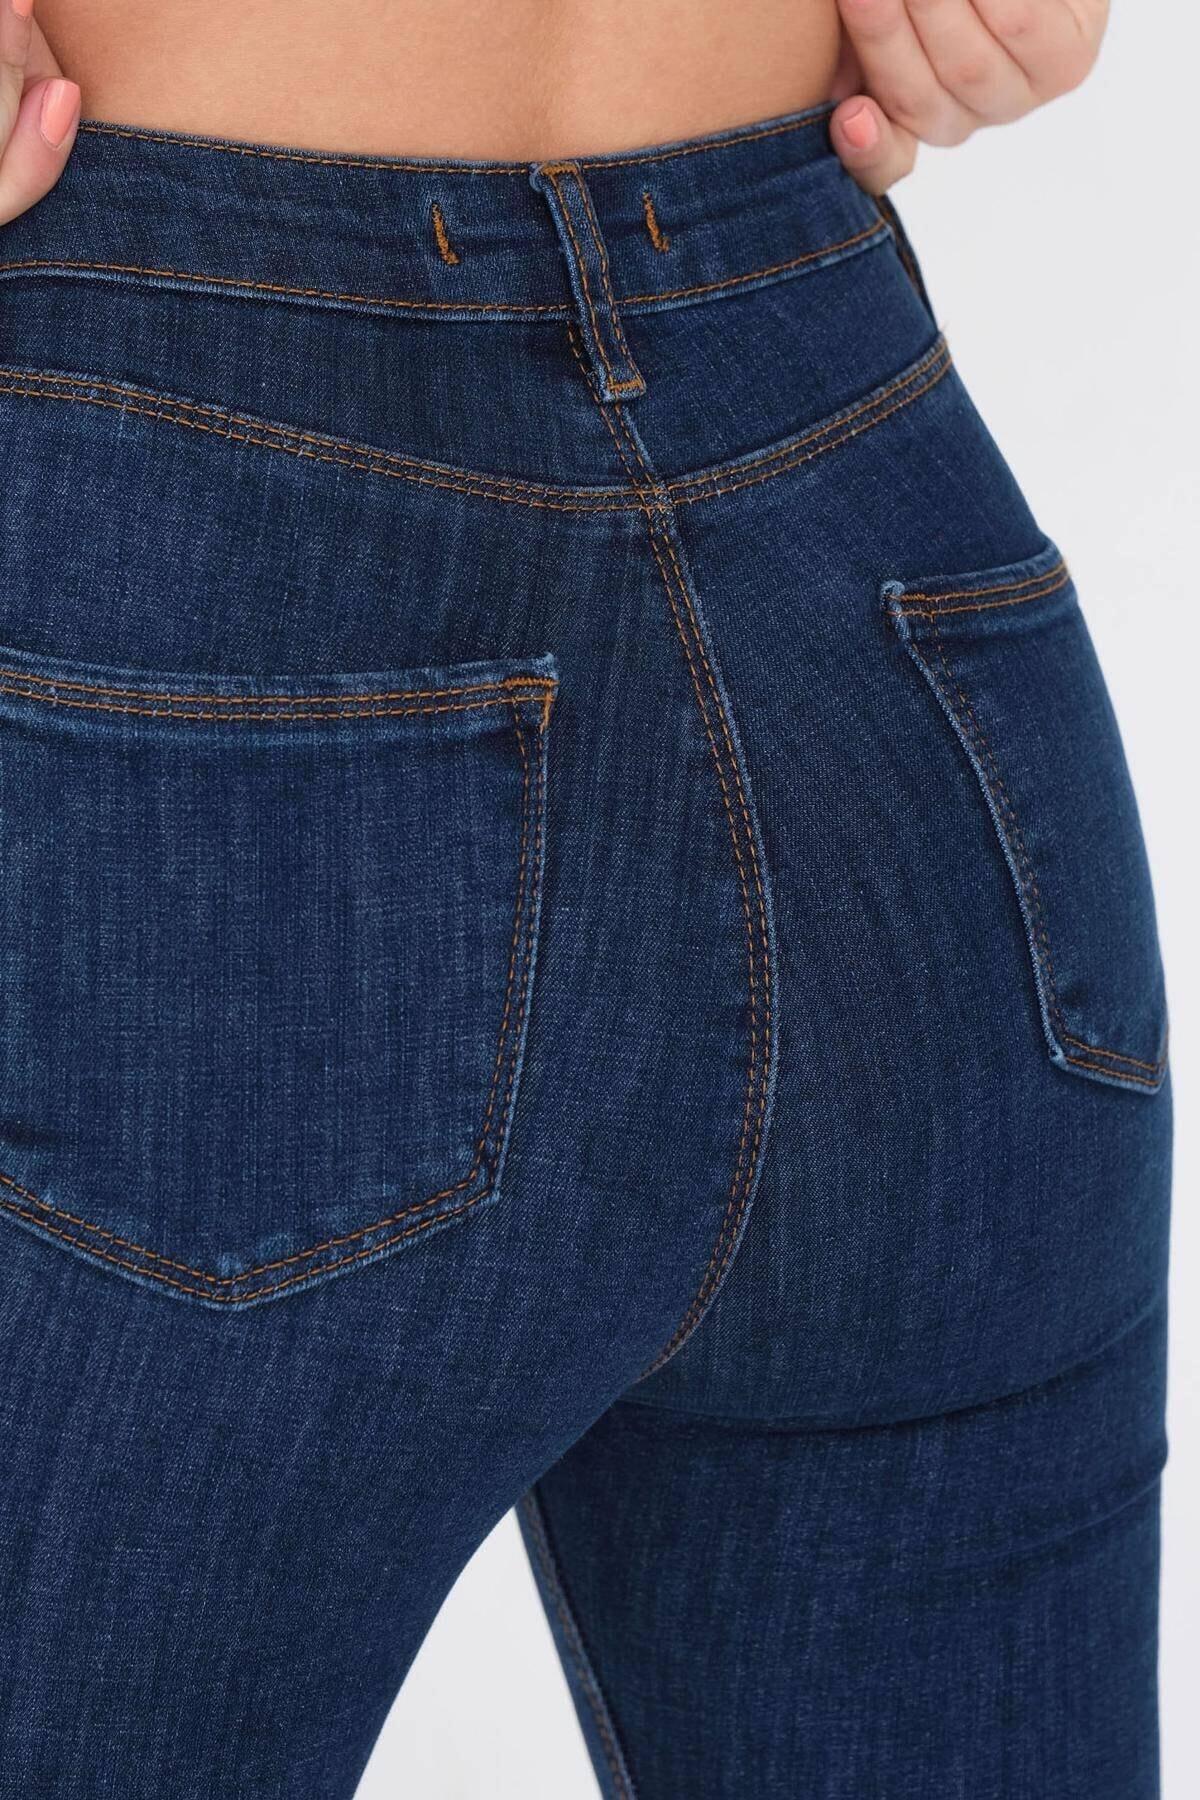 Addax Kadın Koyu Kot Rengi Cep Detaylı Jean Pn6515 - Pnj ADX-0000021225 2